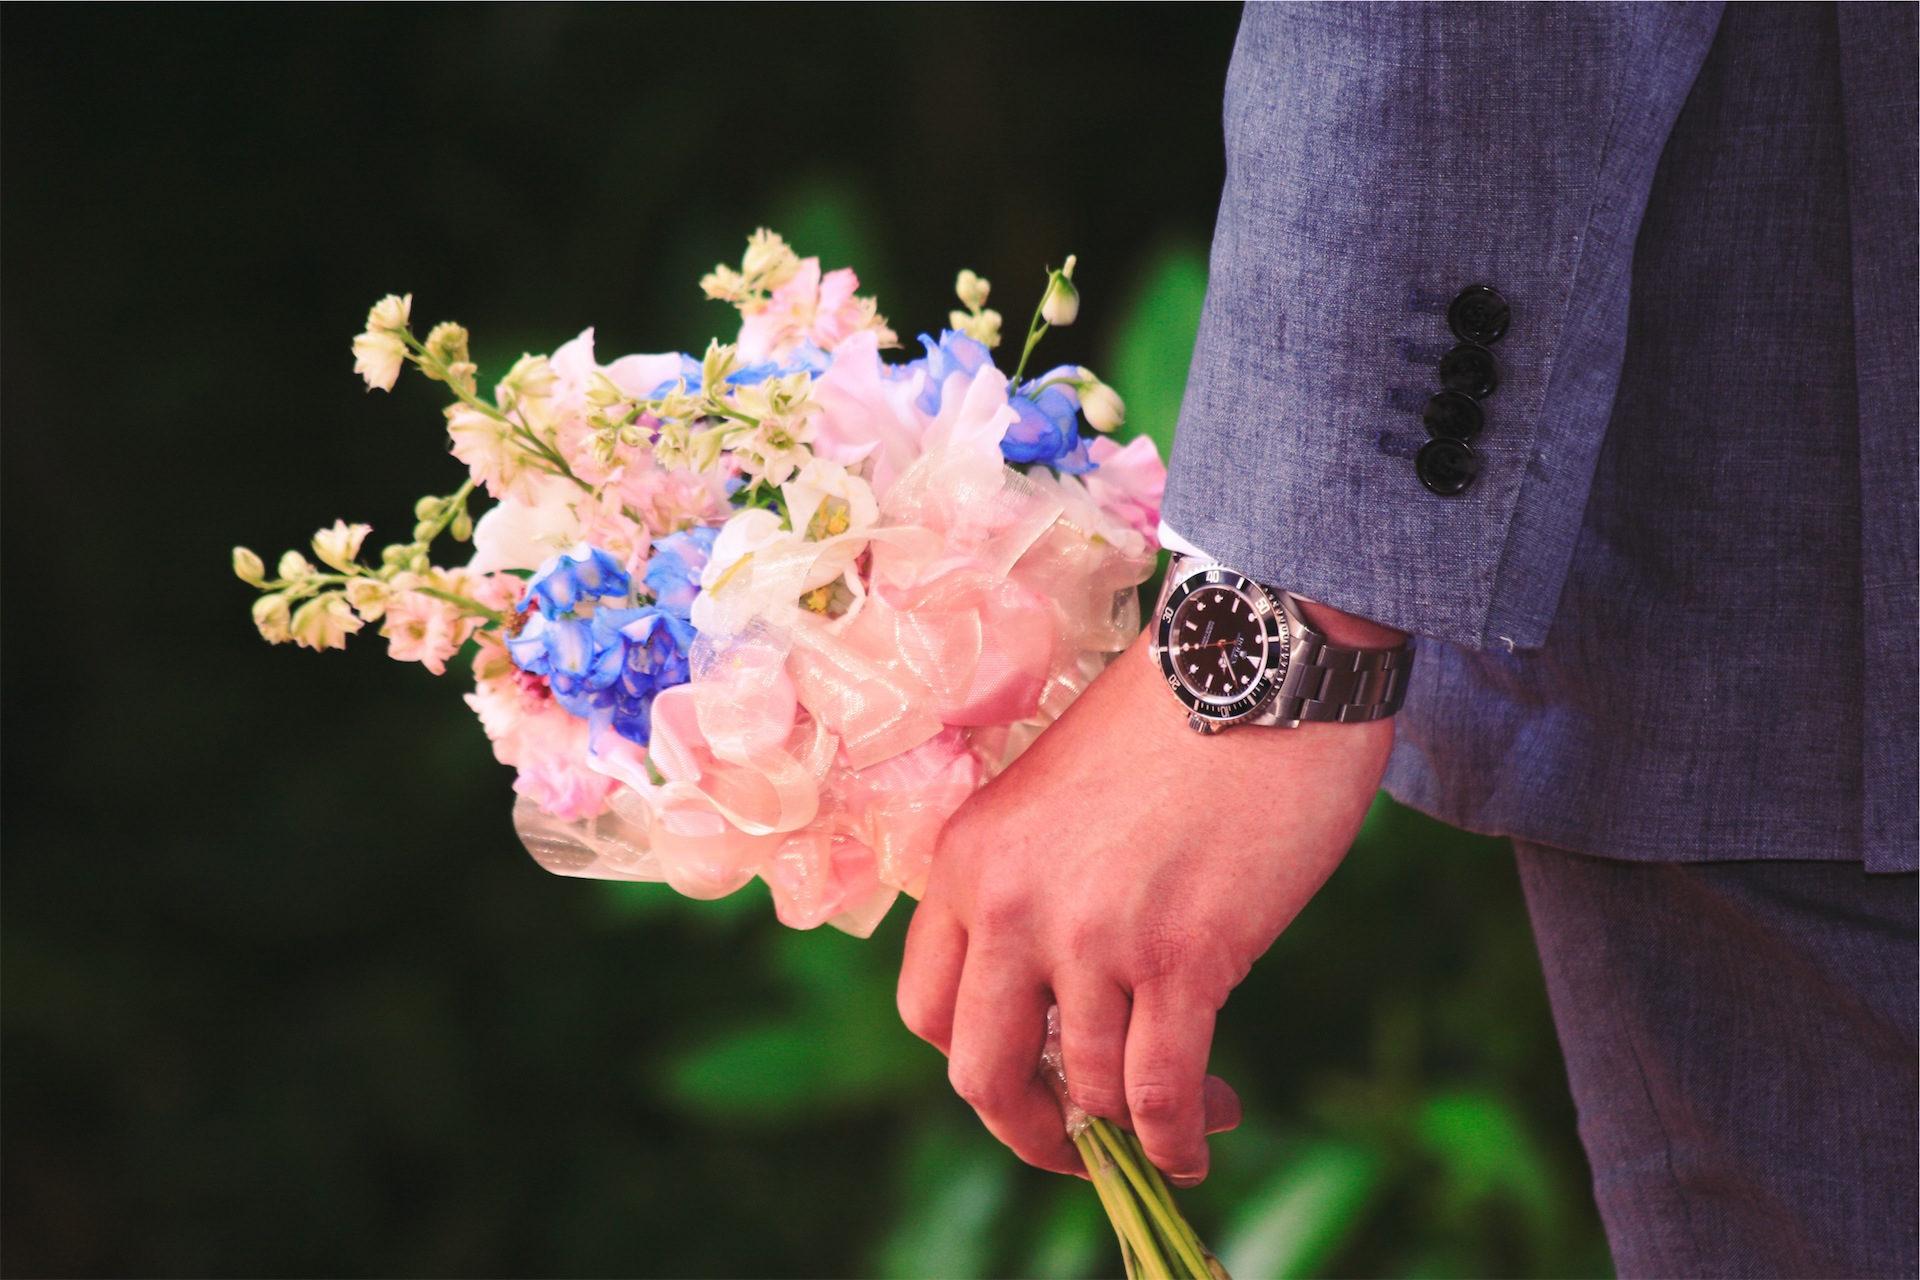 bouquet, fiori, Orologio, uomo, costume - Sfondi HD - Professor-falken.com